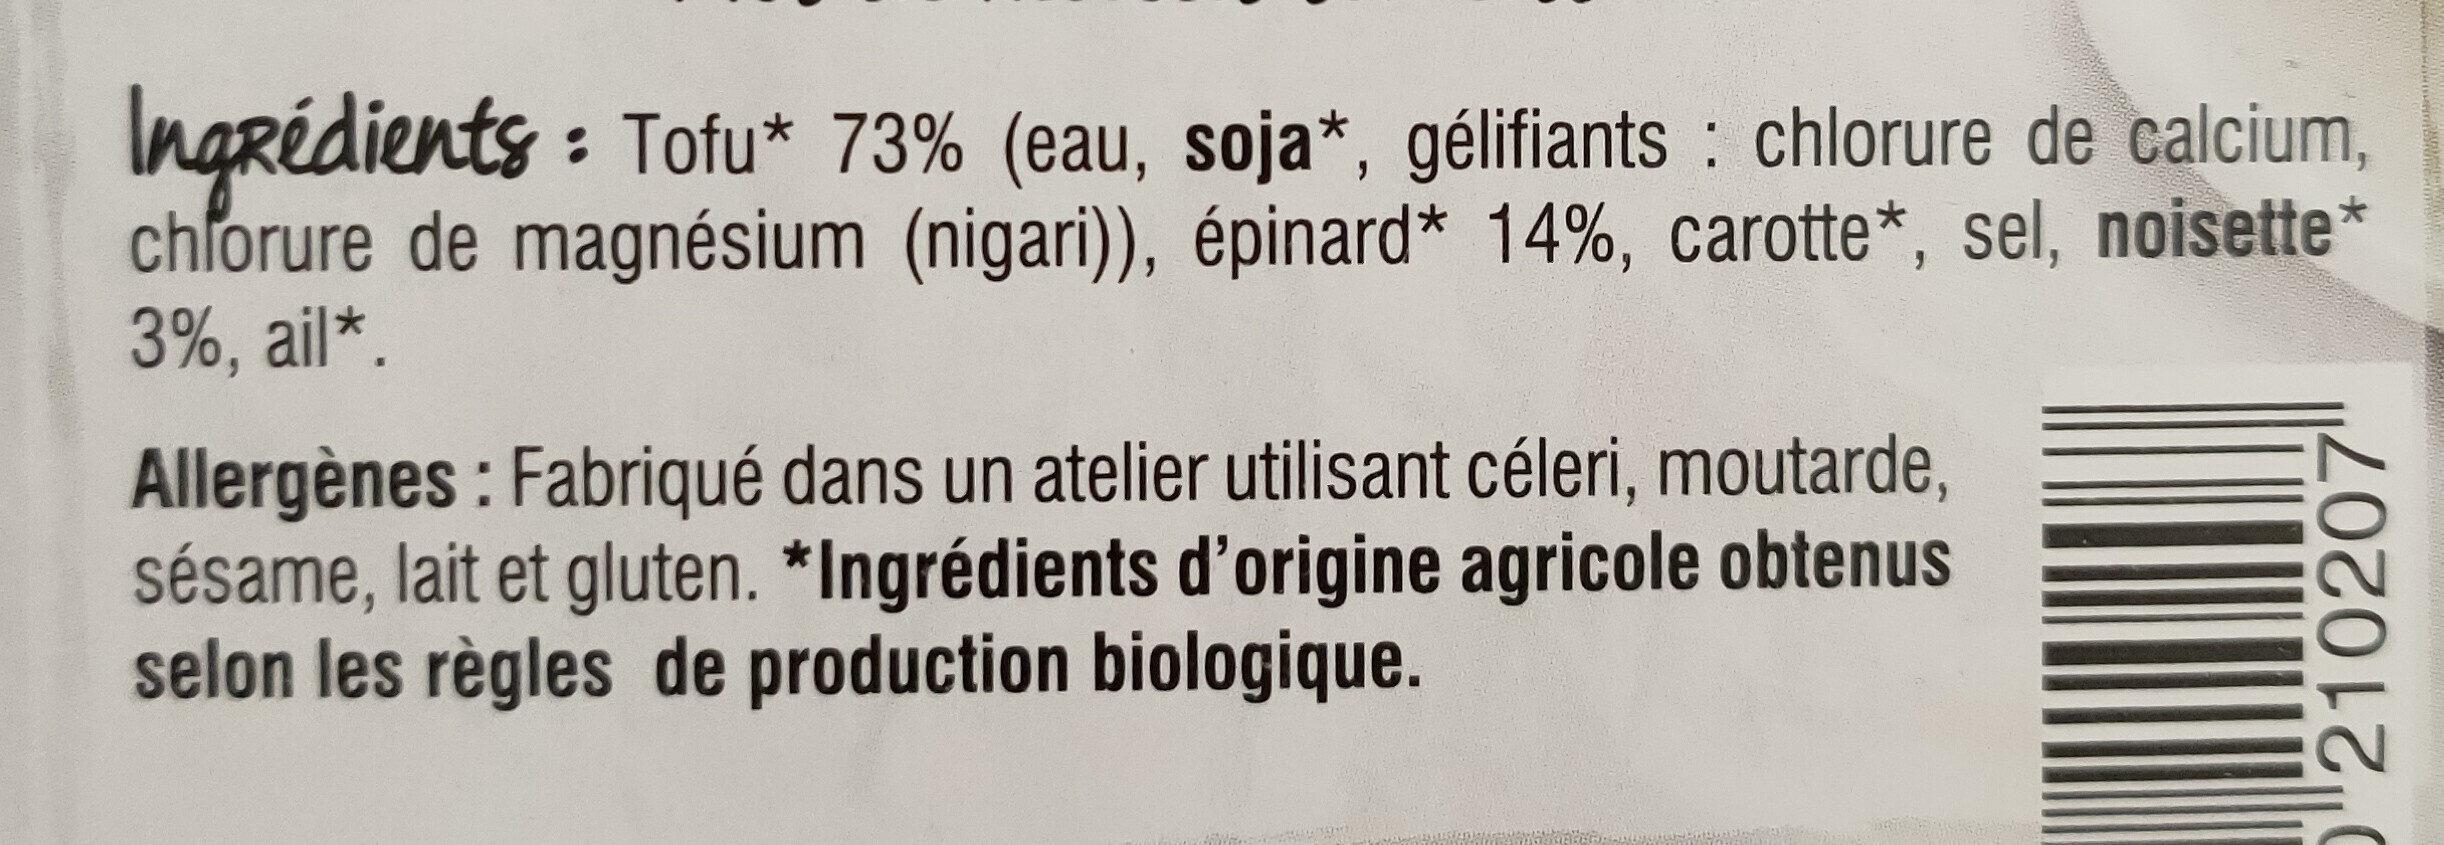 Tofu épinard noisette - Ingrédients - fr